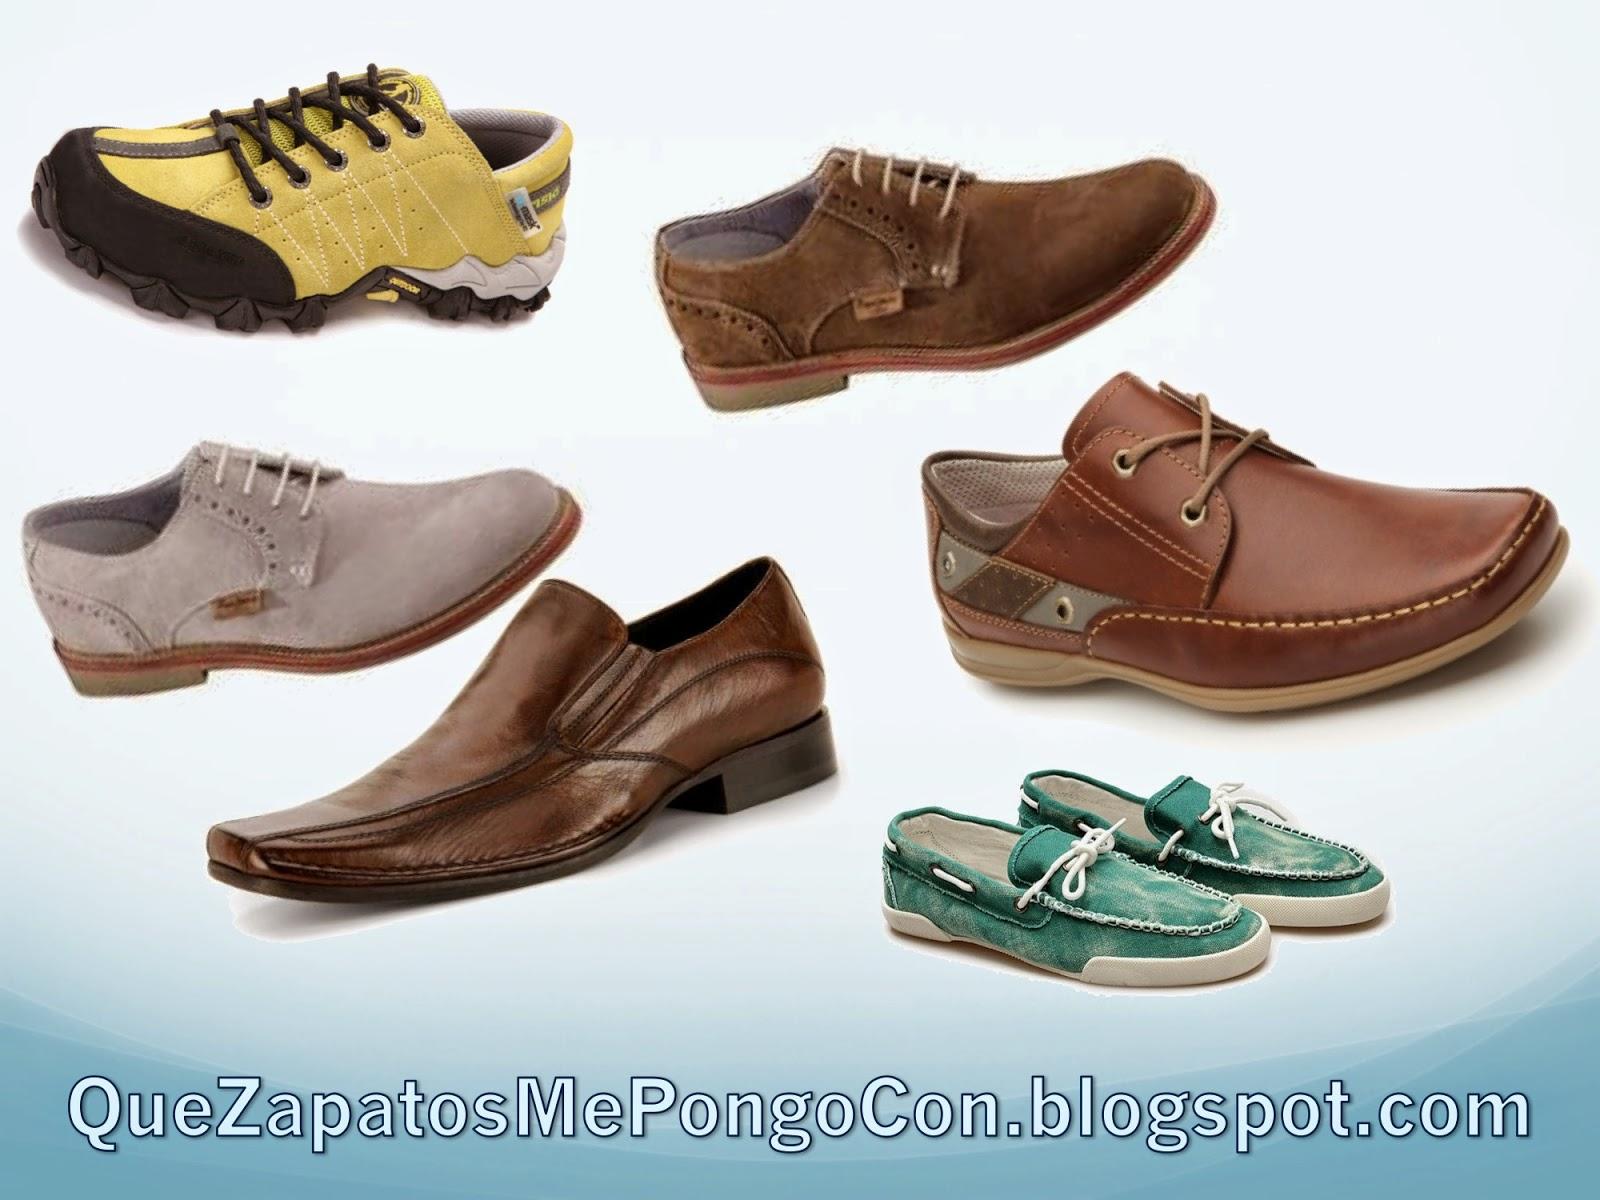 Zapatos Hombre Imágenes De Archivo, Vectores 123RF - fotos de zapatos para hombres